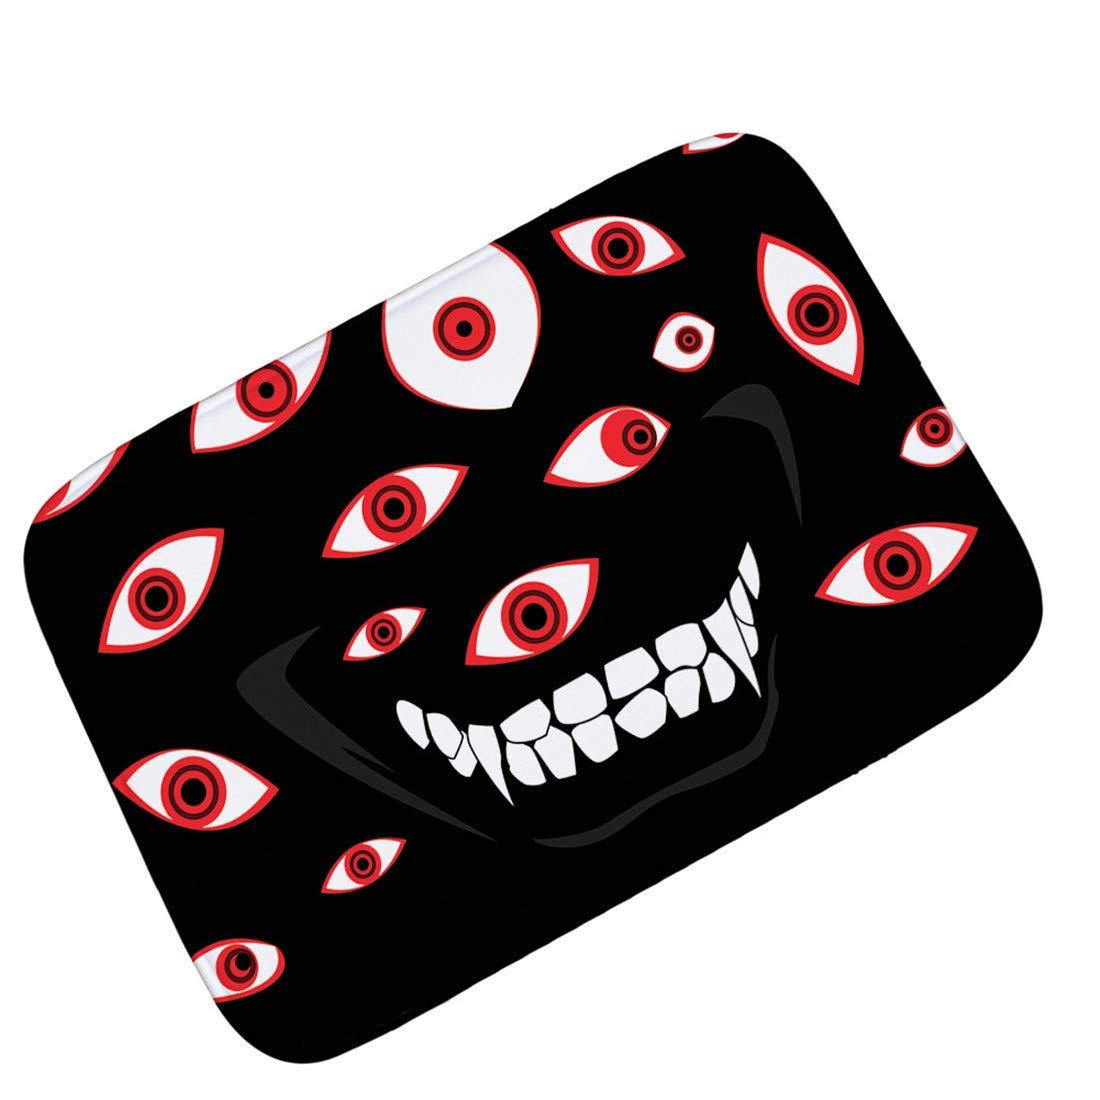 OHYESS Halloween Ghost Eyes Spirit Front Door Floor Carpet Party Decorative Bedroom Shoes Scraper Gate Inside Non-Slip Mat Doormat (16*24)